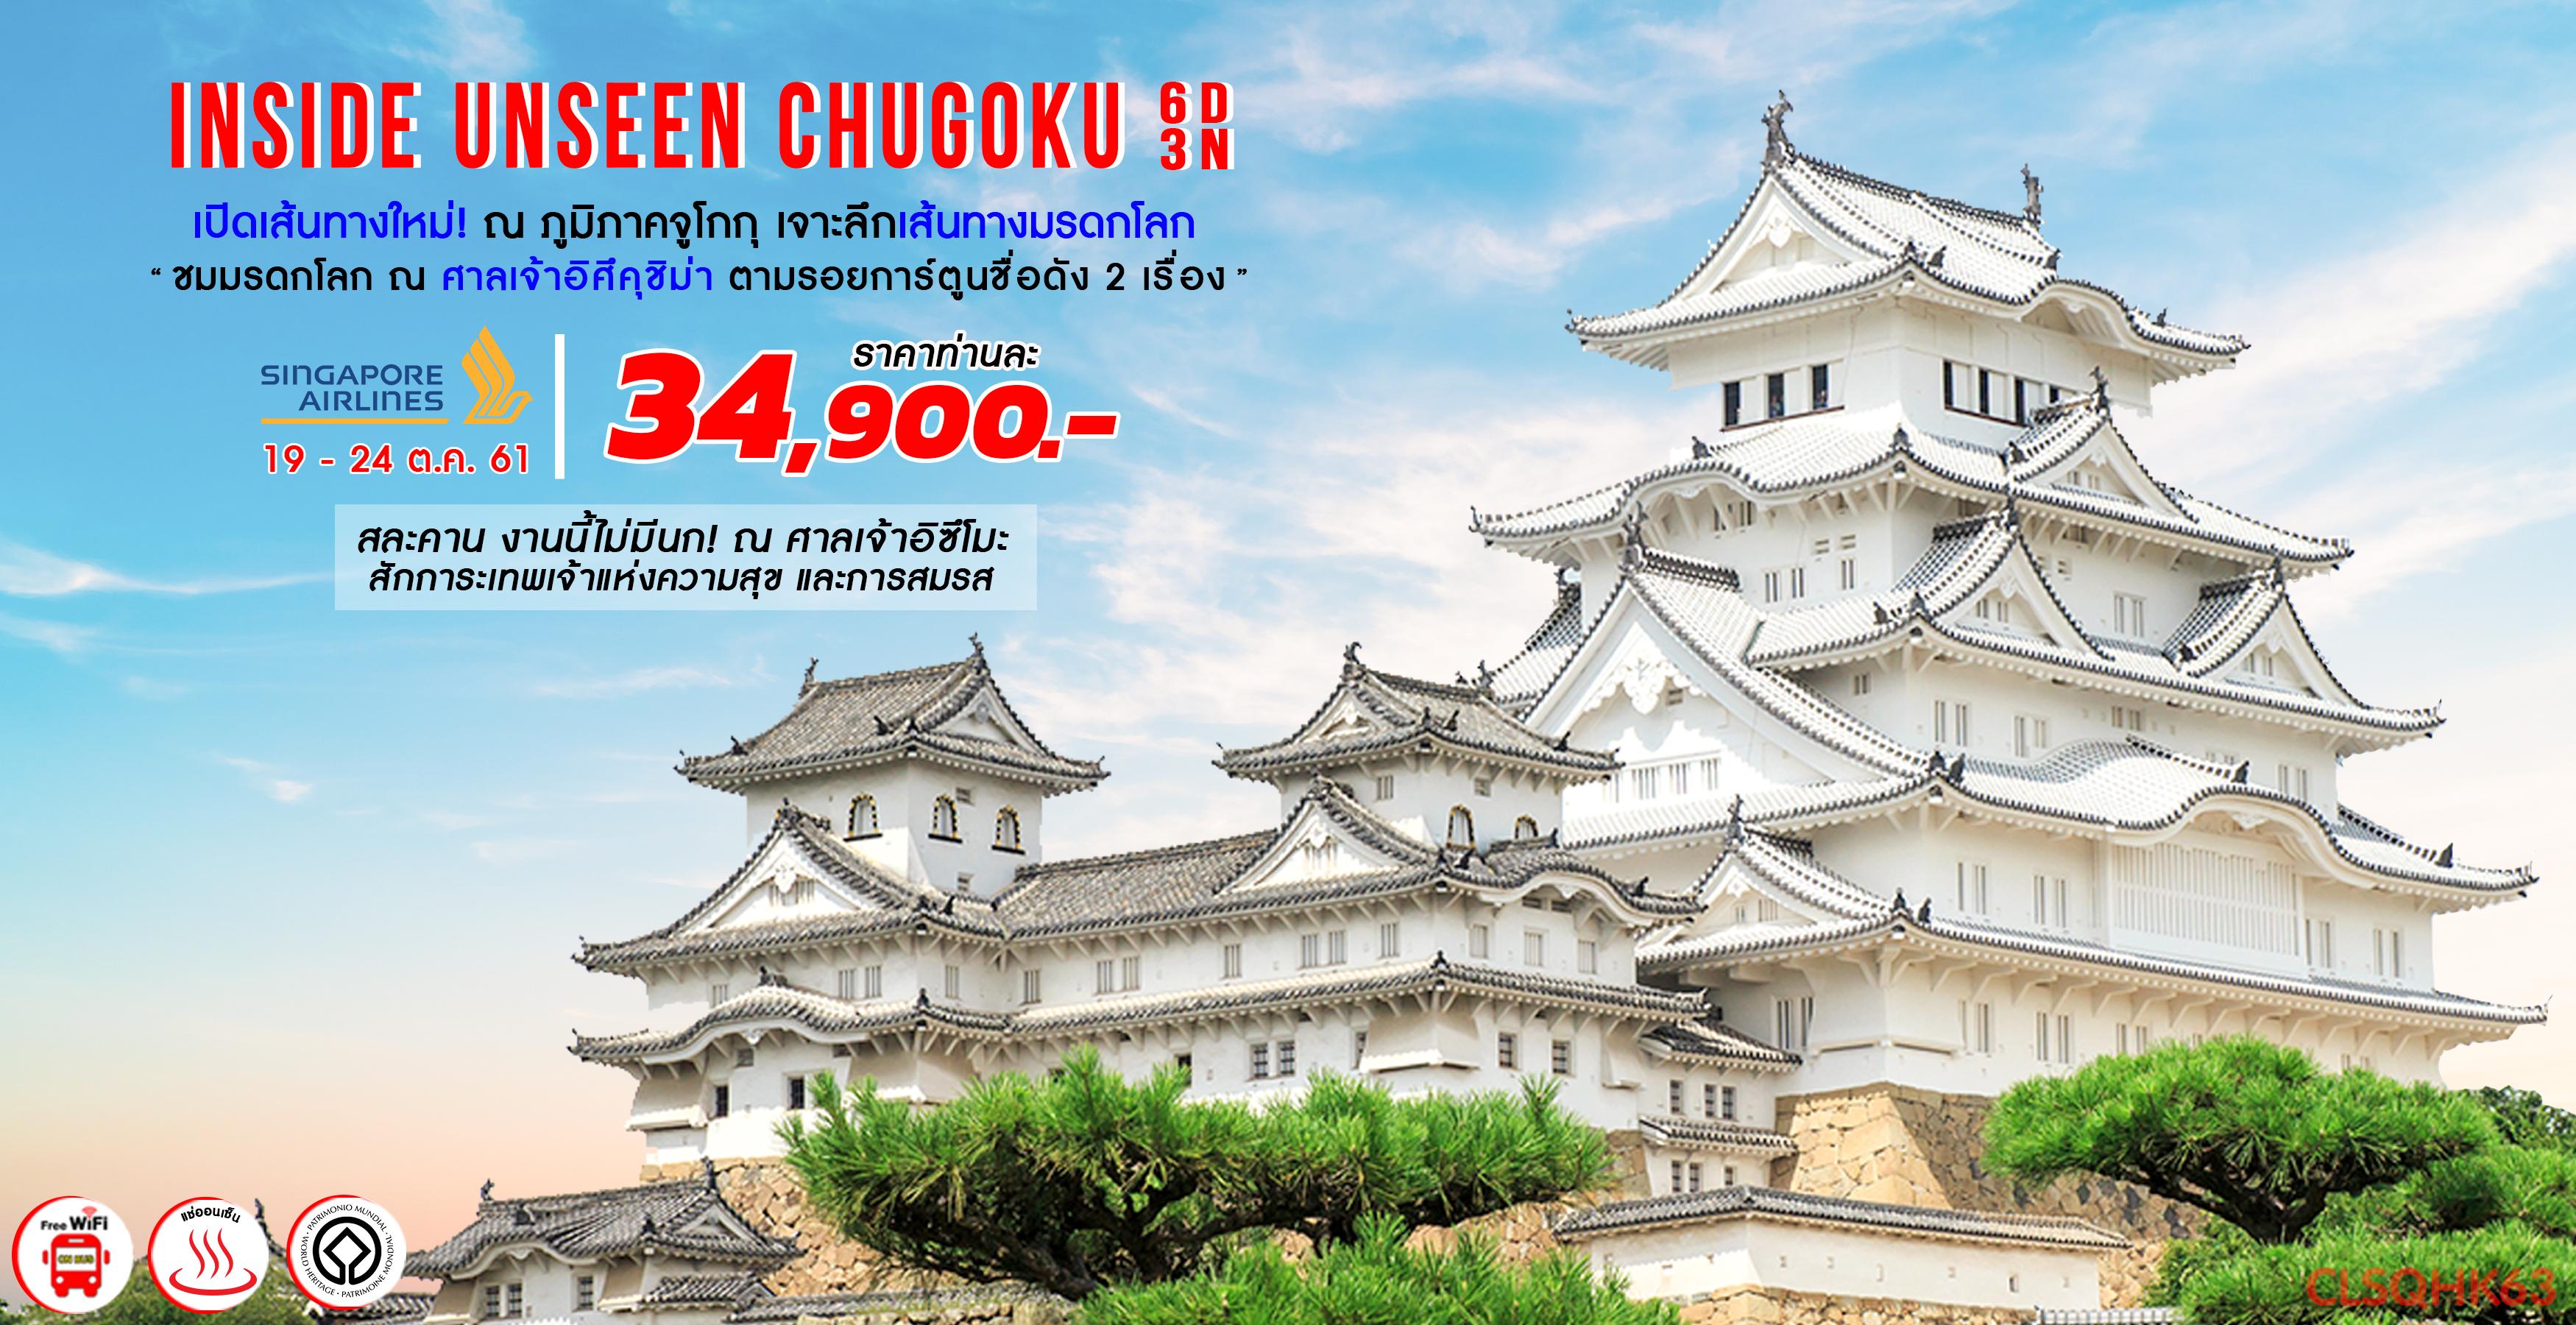 ทัวร์ญี่ปุ่น INSIDE UNSEEN CHUGOKU 6D3N (SQ)